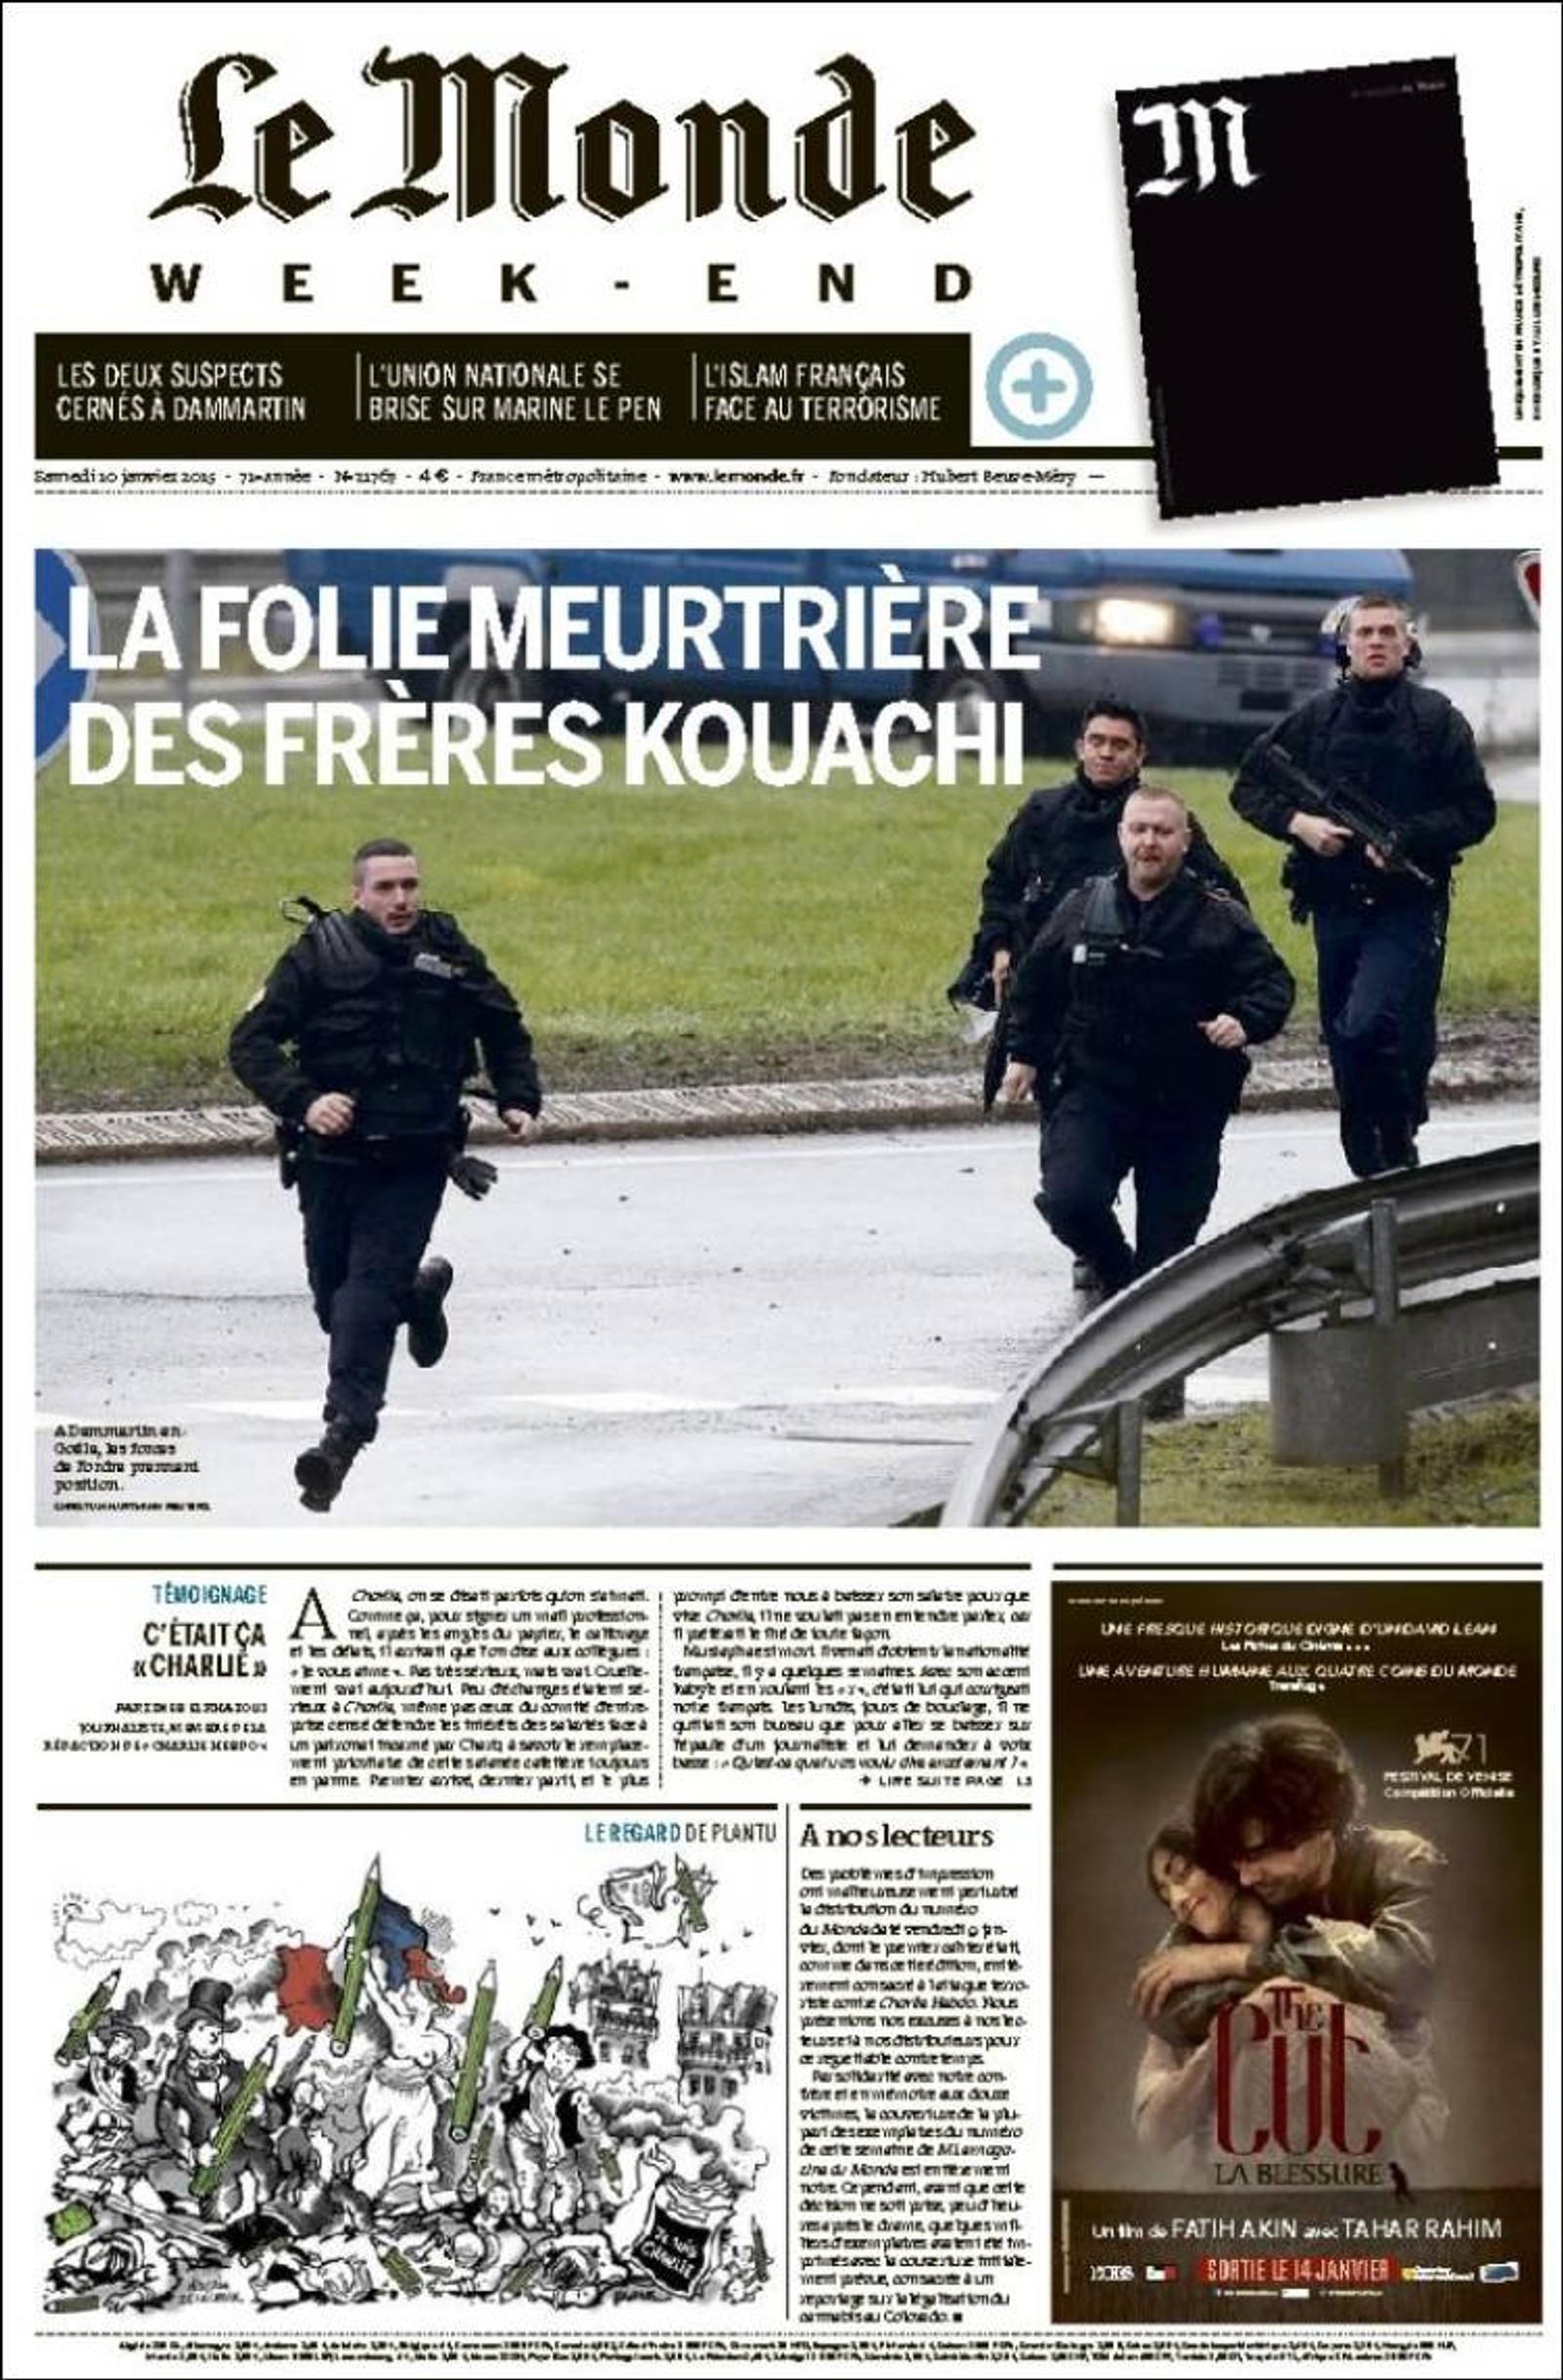 Le Monde: Den vanvittige mordlysten til brødrene Kouachi.